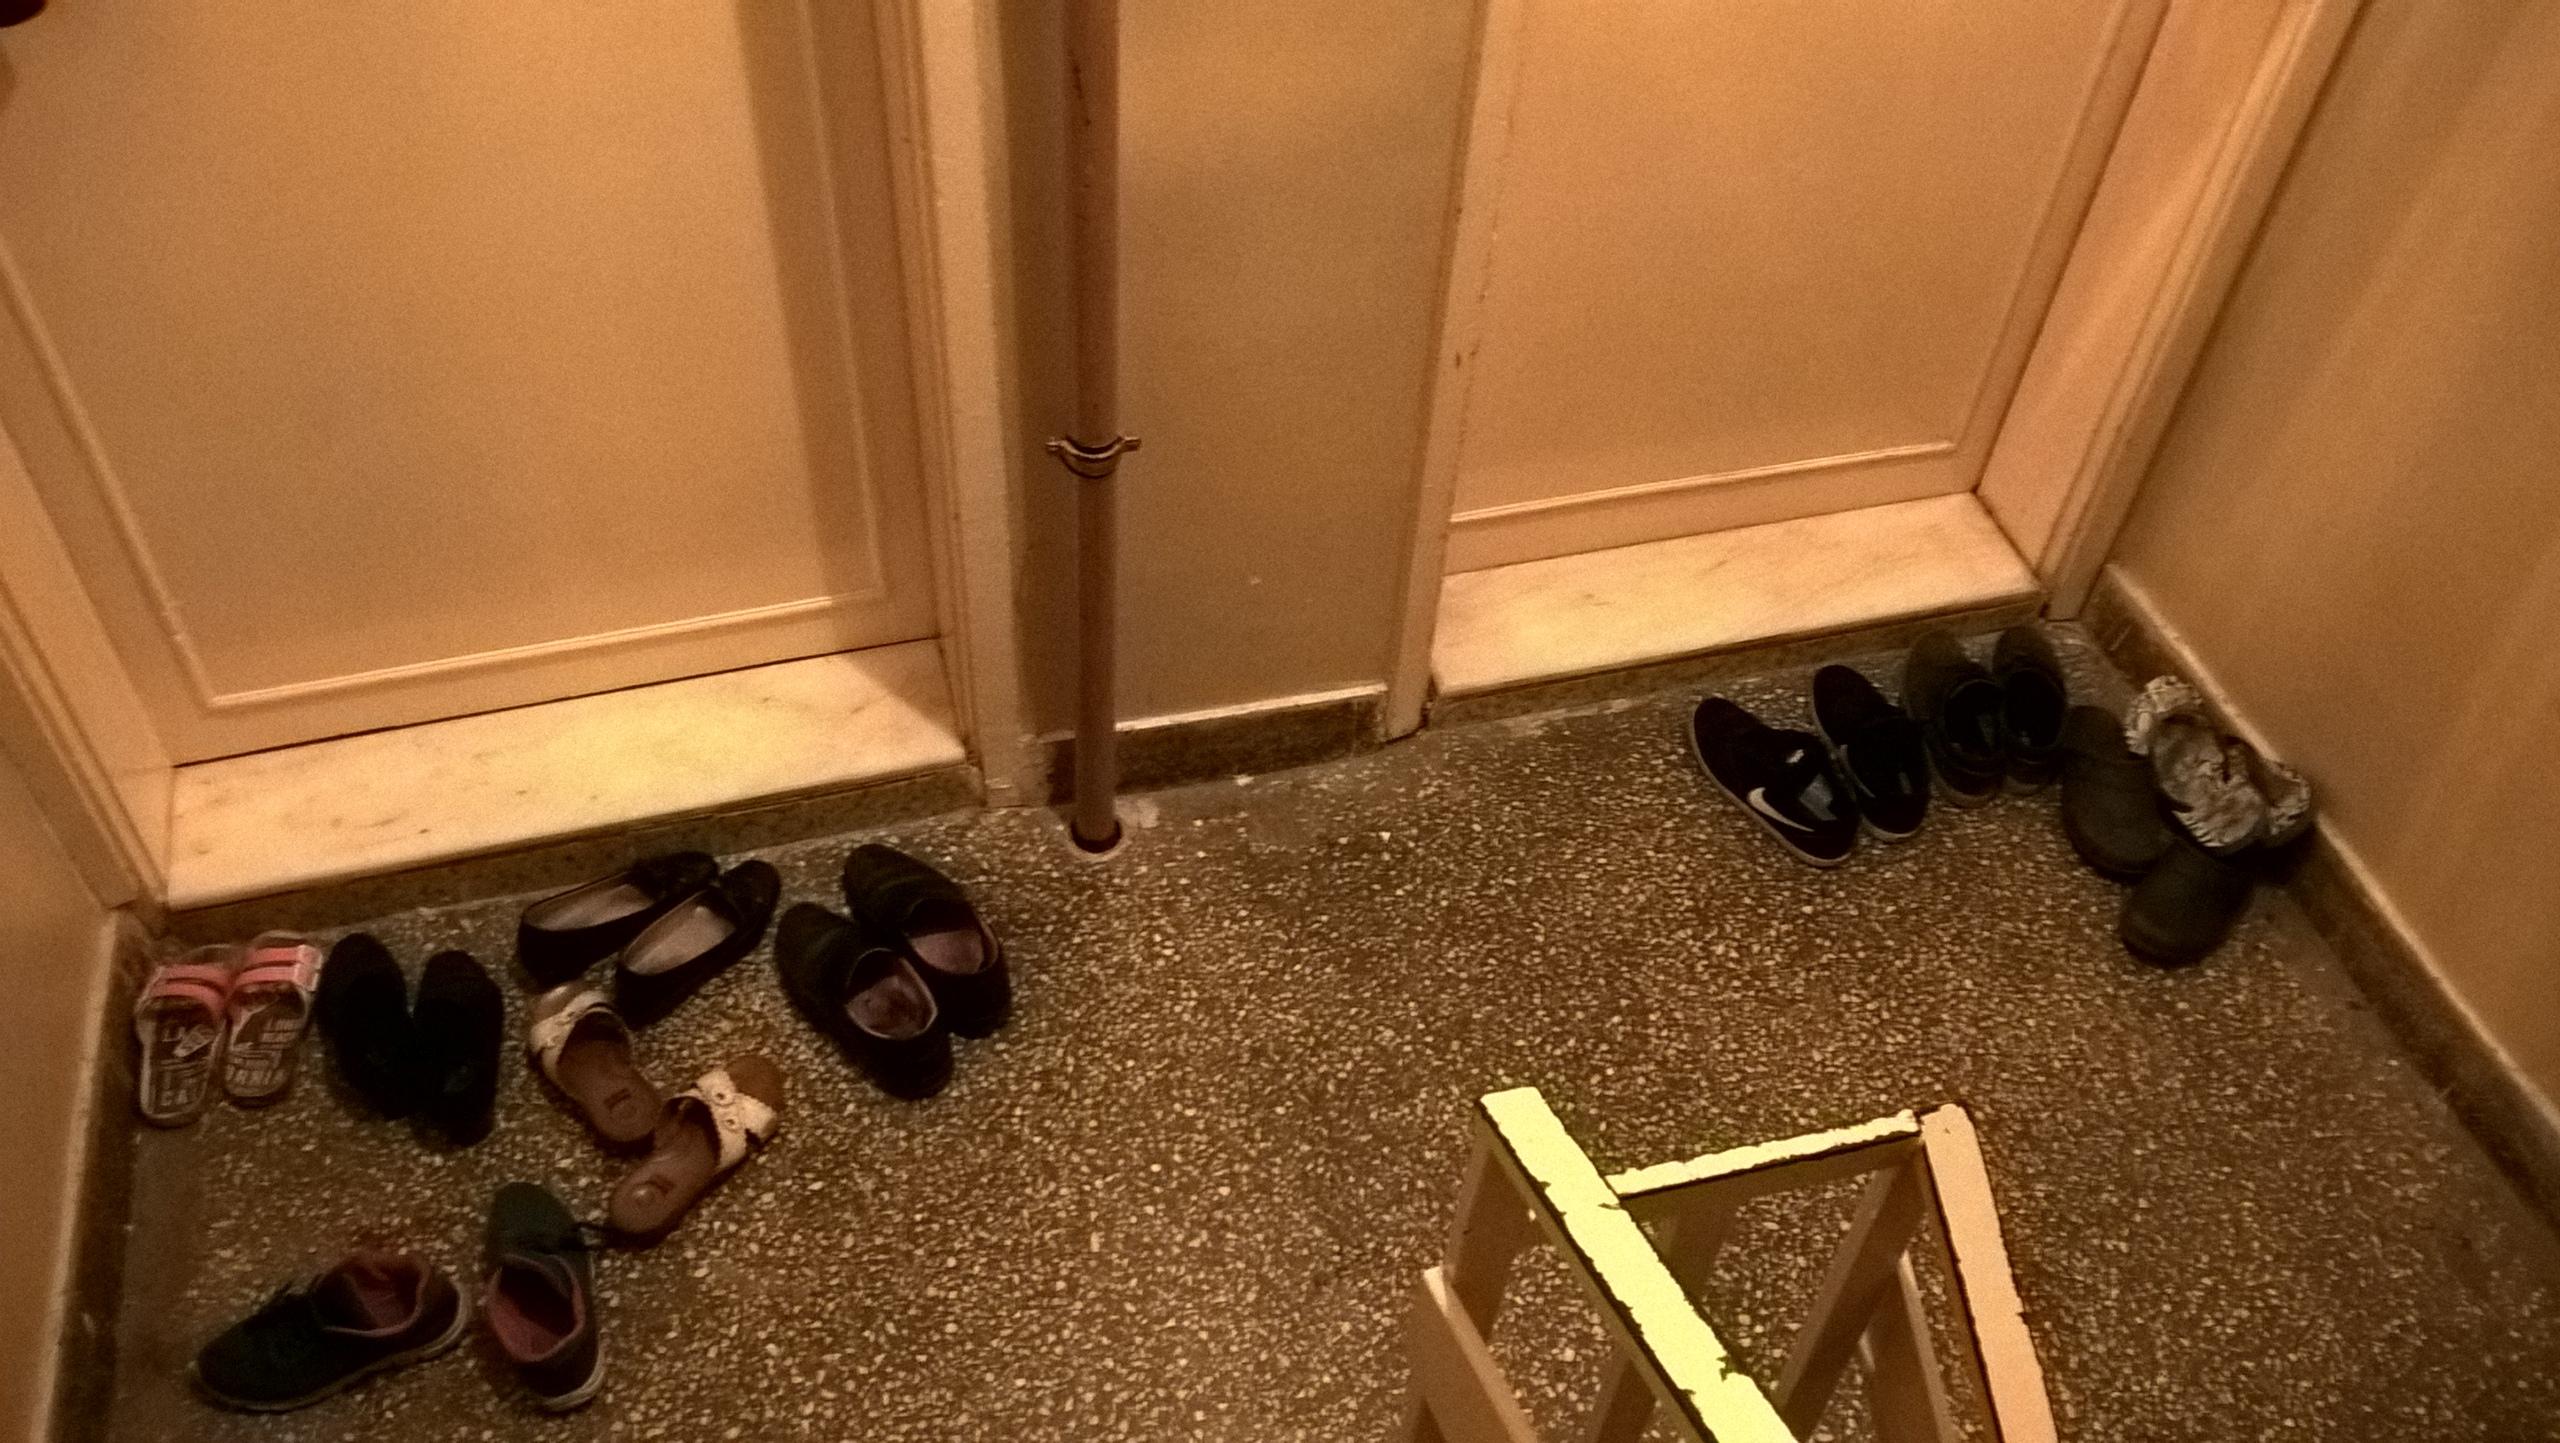 На входе в квартиры граждан Турции оставляют свои башмаки перед входом